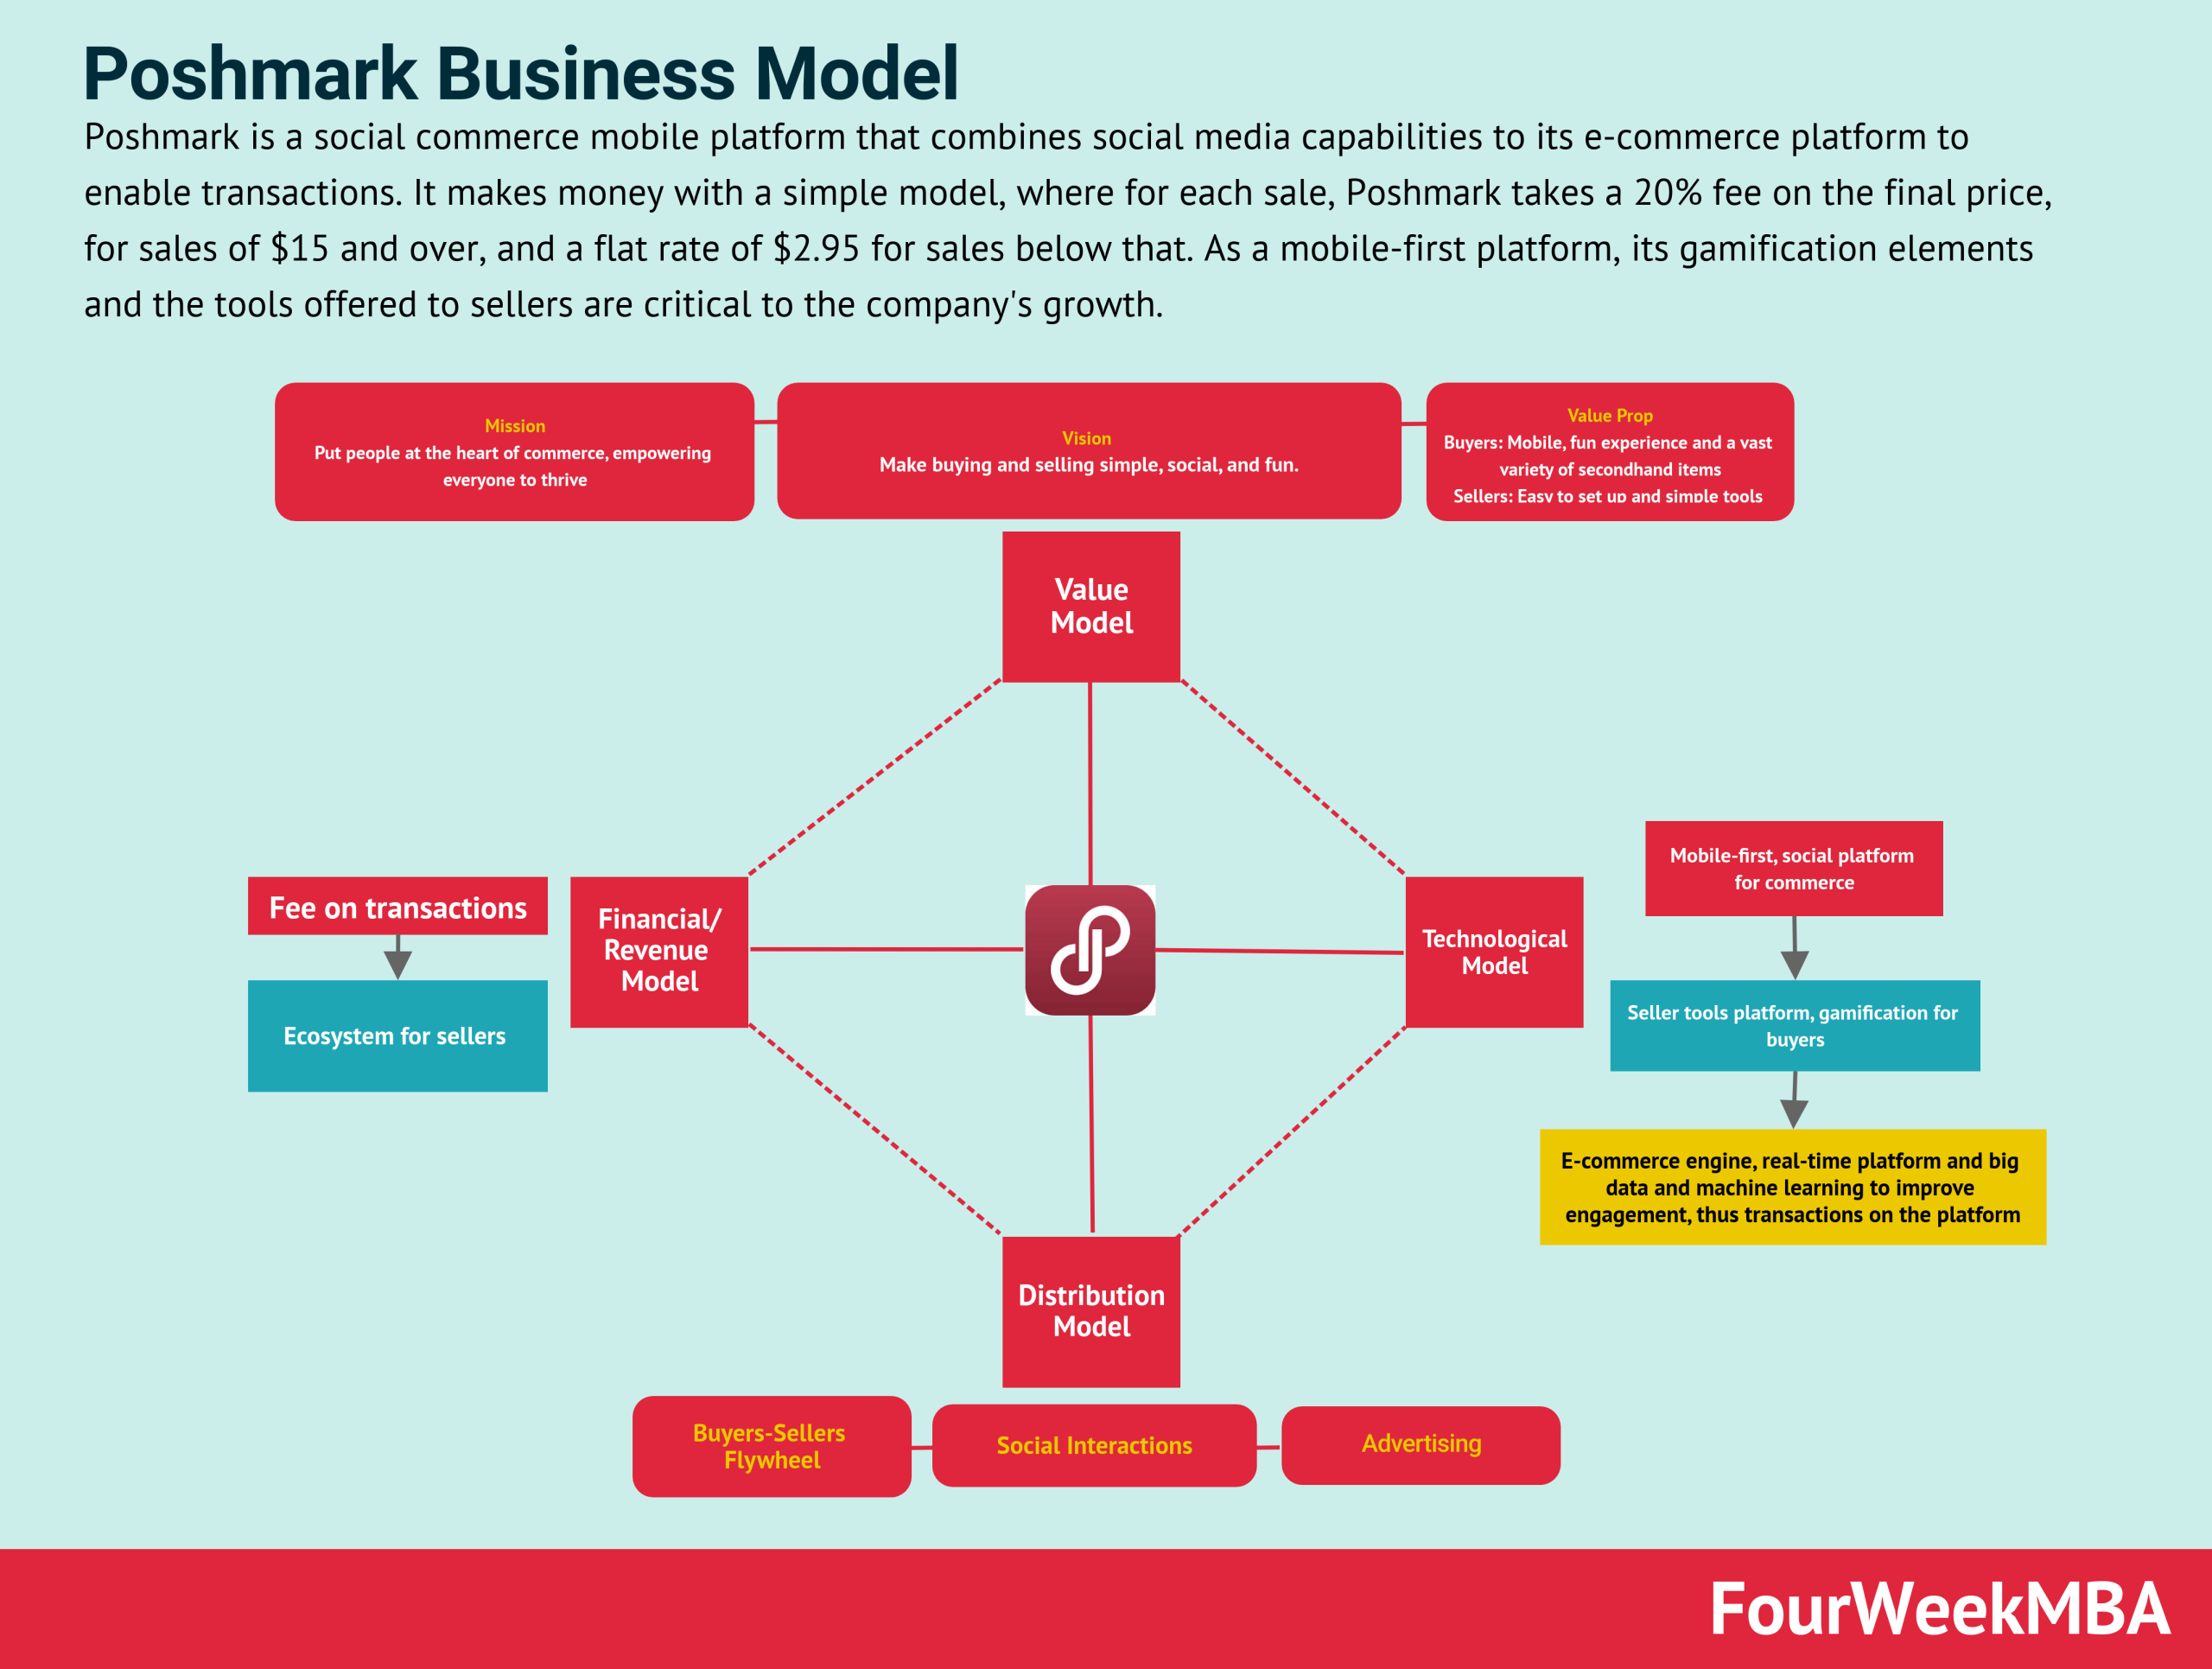 poshmark-business-model